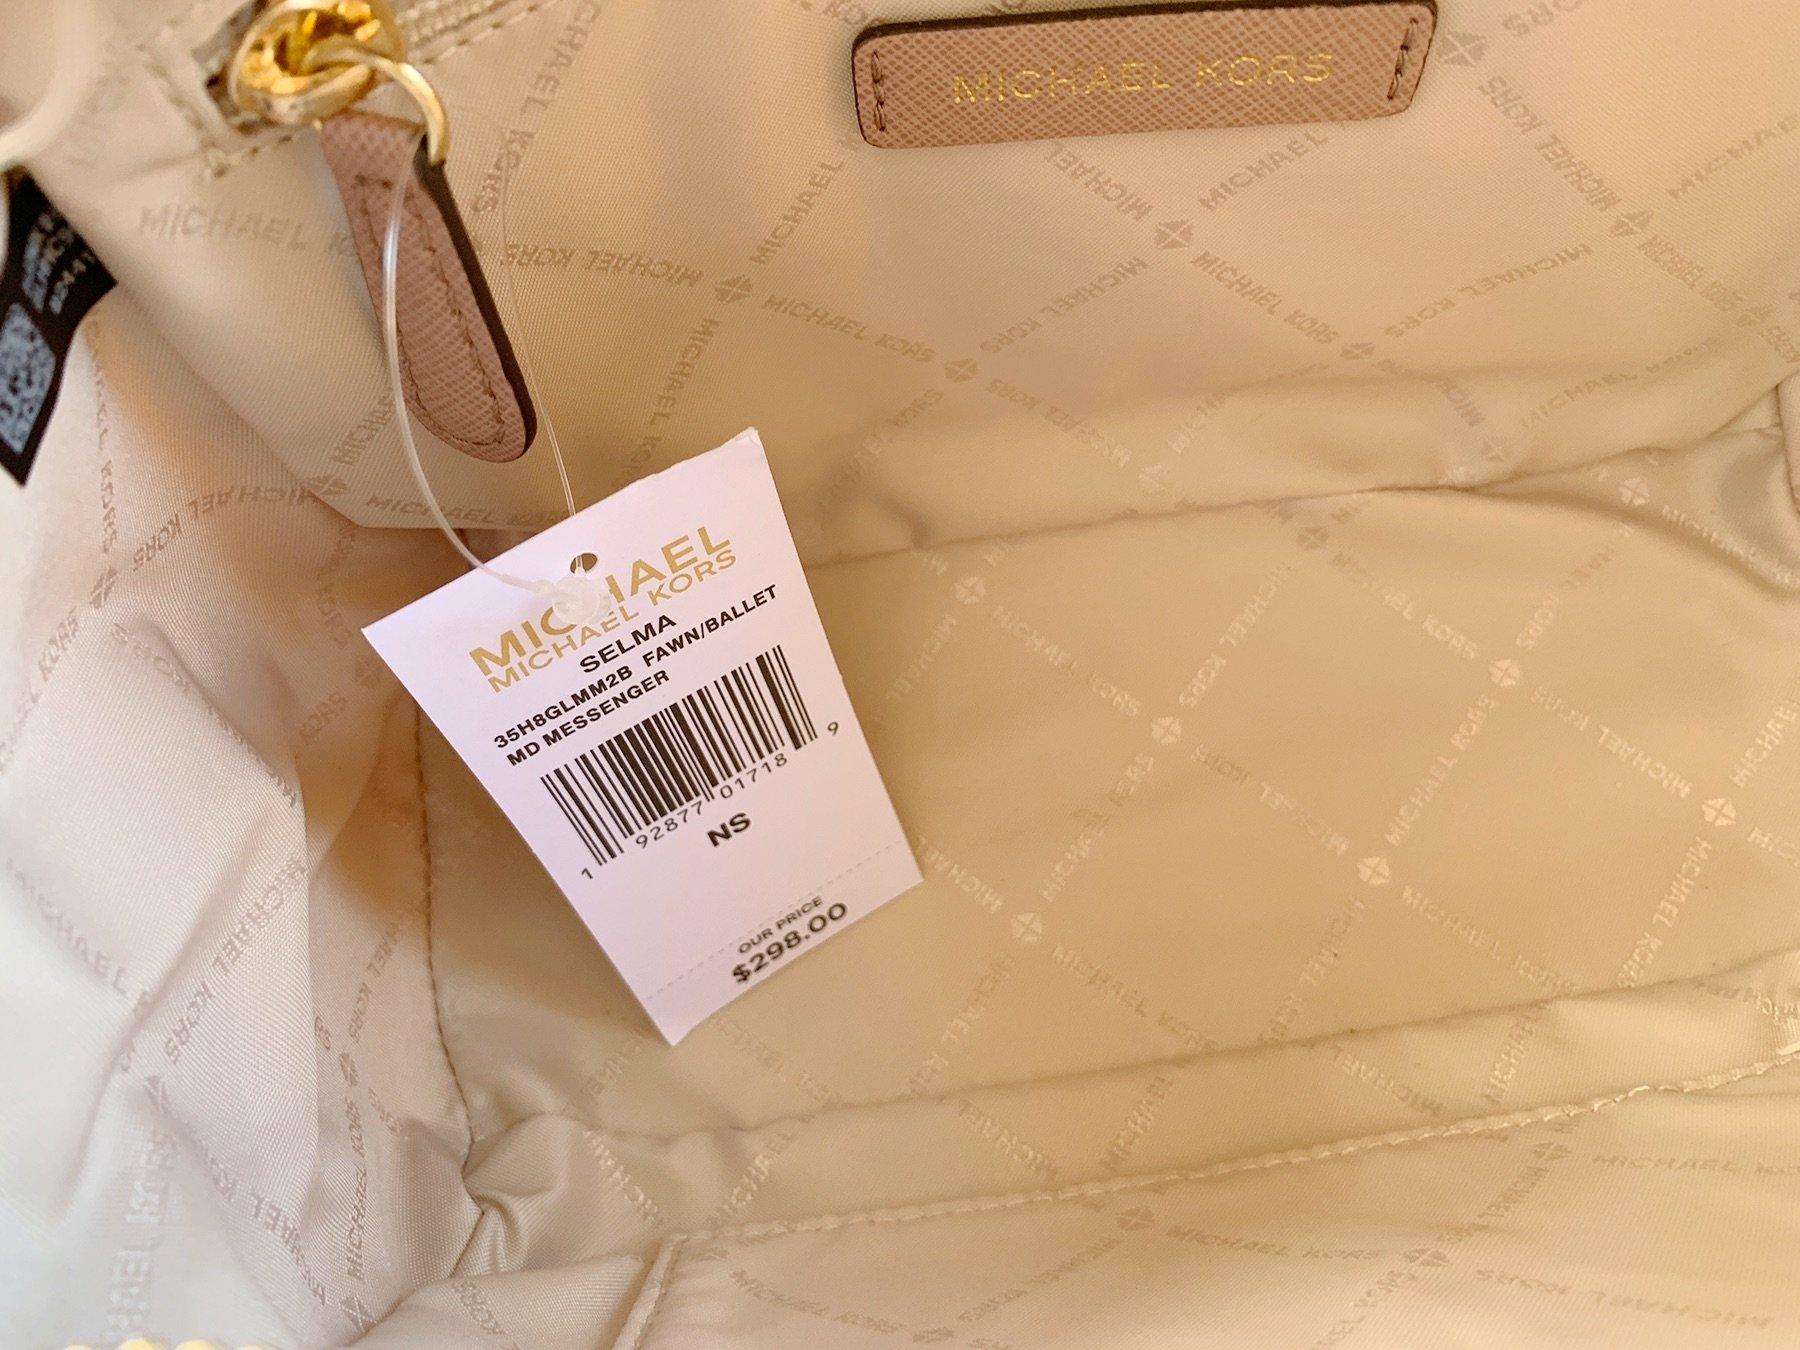 Details zu Michael Kors Selma Medium Messenger Bag Crossbody Fawn MK Ballet Pink